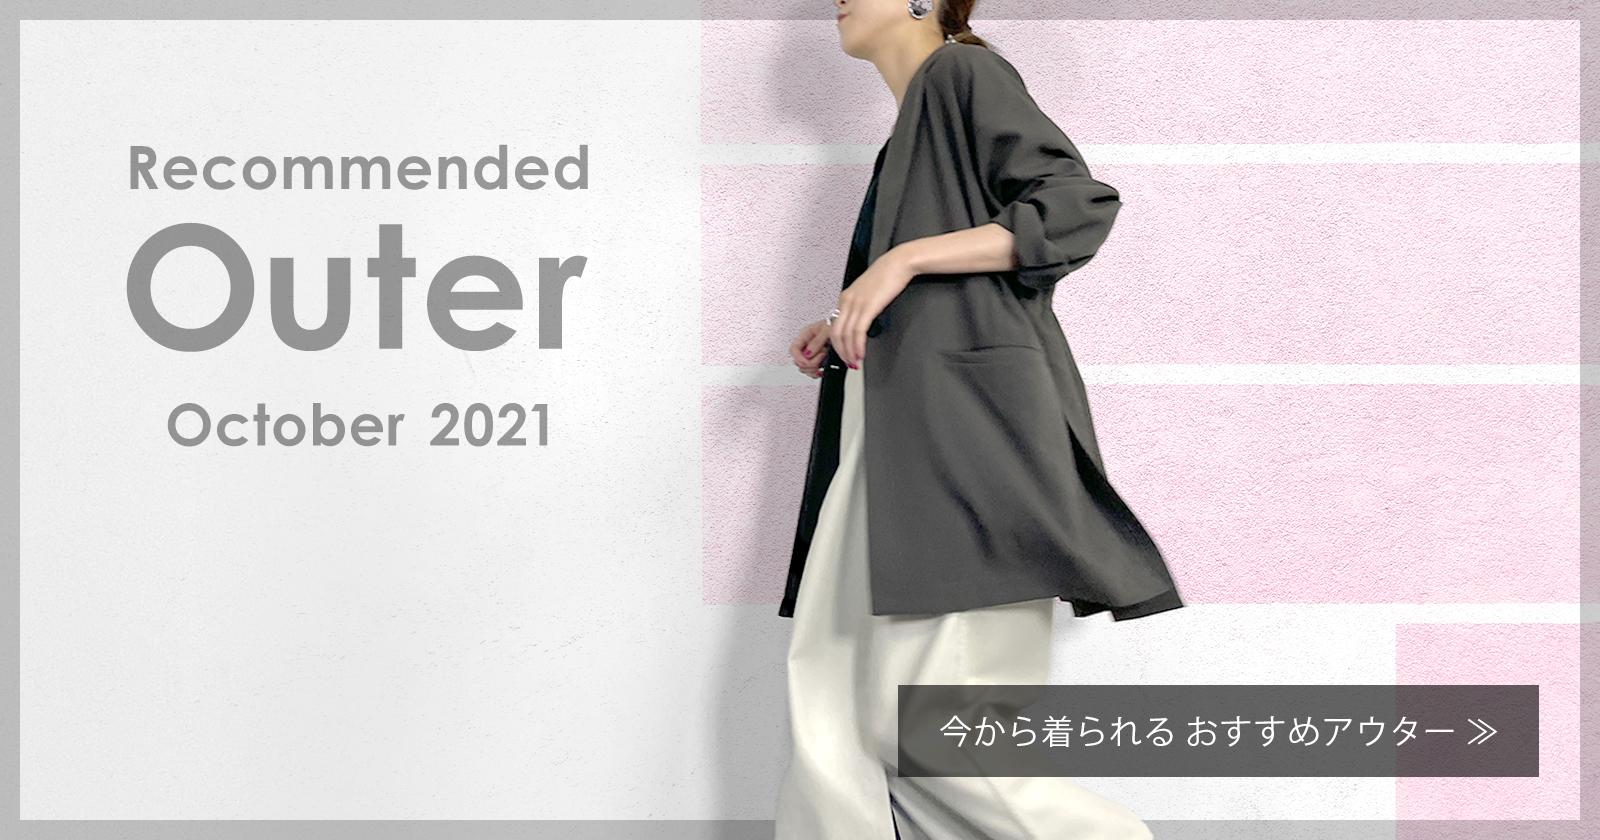 レディースファッションブランドENTO(エント)2021年秋冬コレクション!【10月秋おすすめアウター】上旬・中旬・下旬別レディースコーディネート